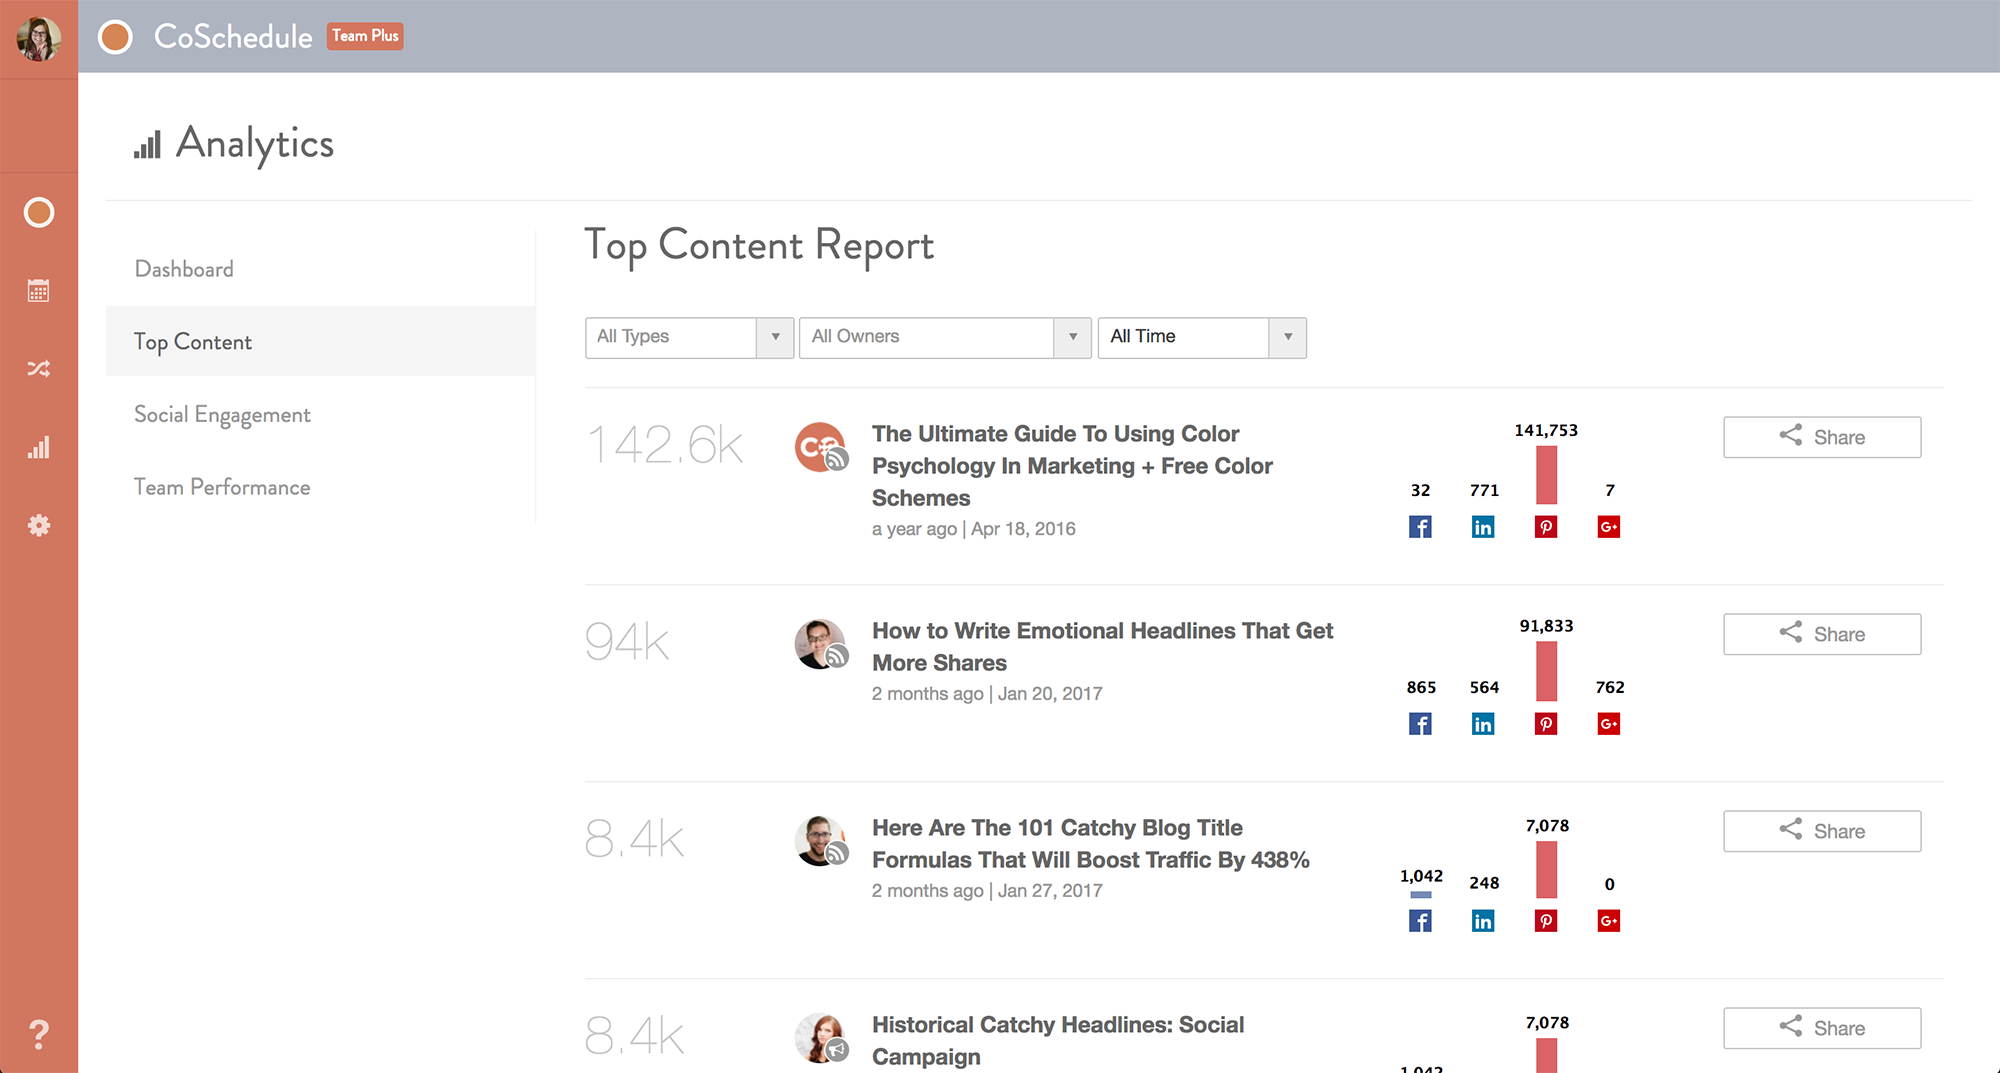 CoSchedule_Top-Content-Report